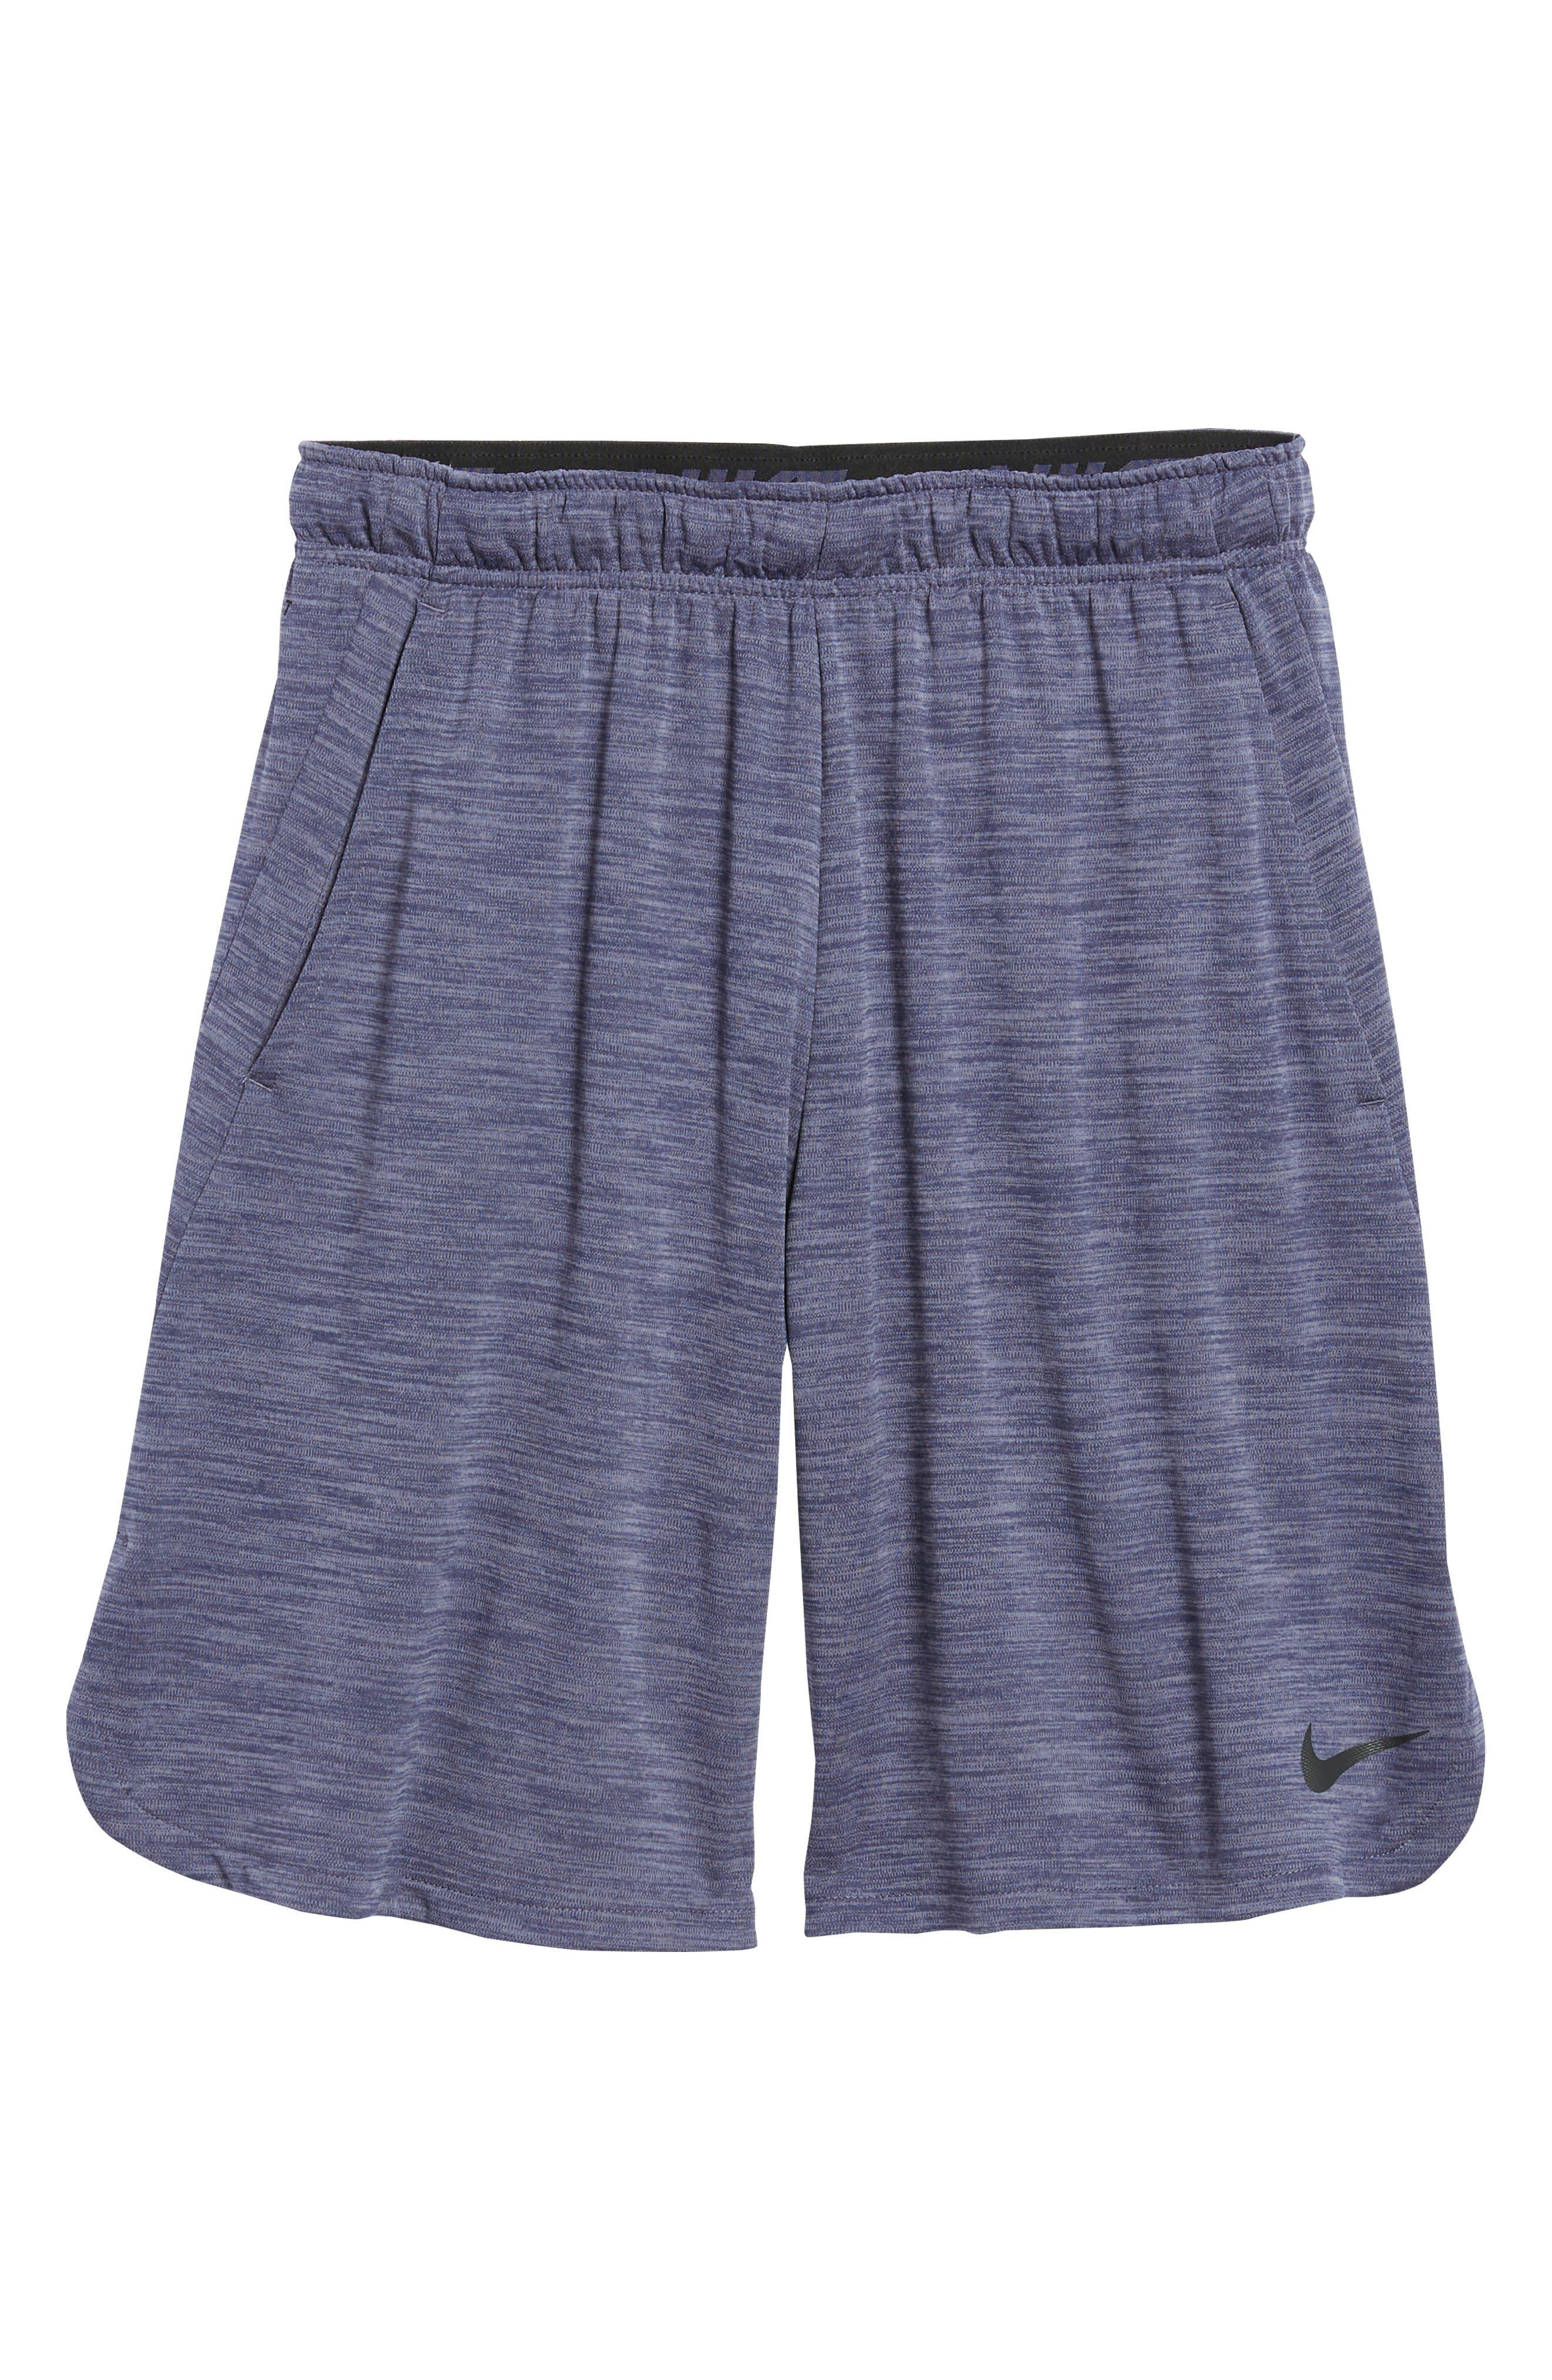 NIKE, Dry Training Shorts, Alternate thumbnail 7, color, LIGHT CARBON/ BLACK